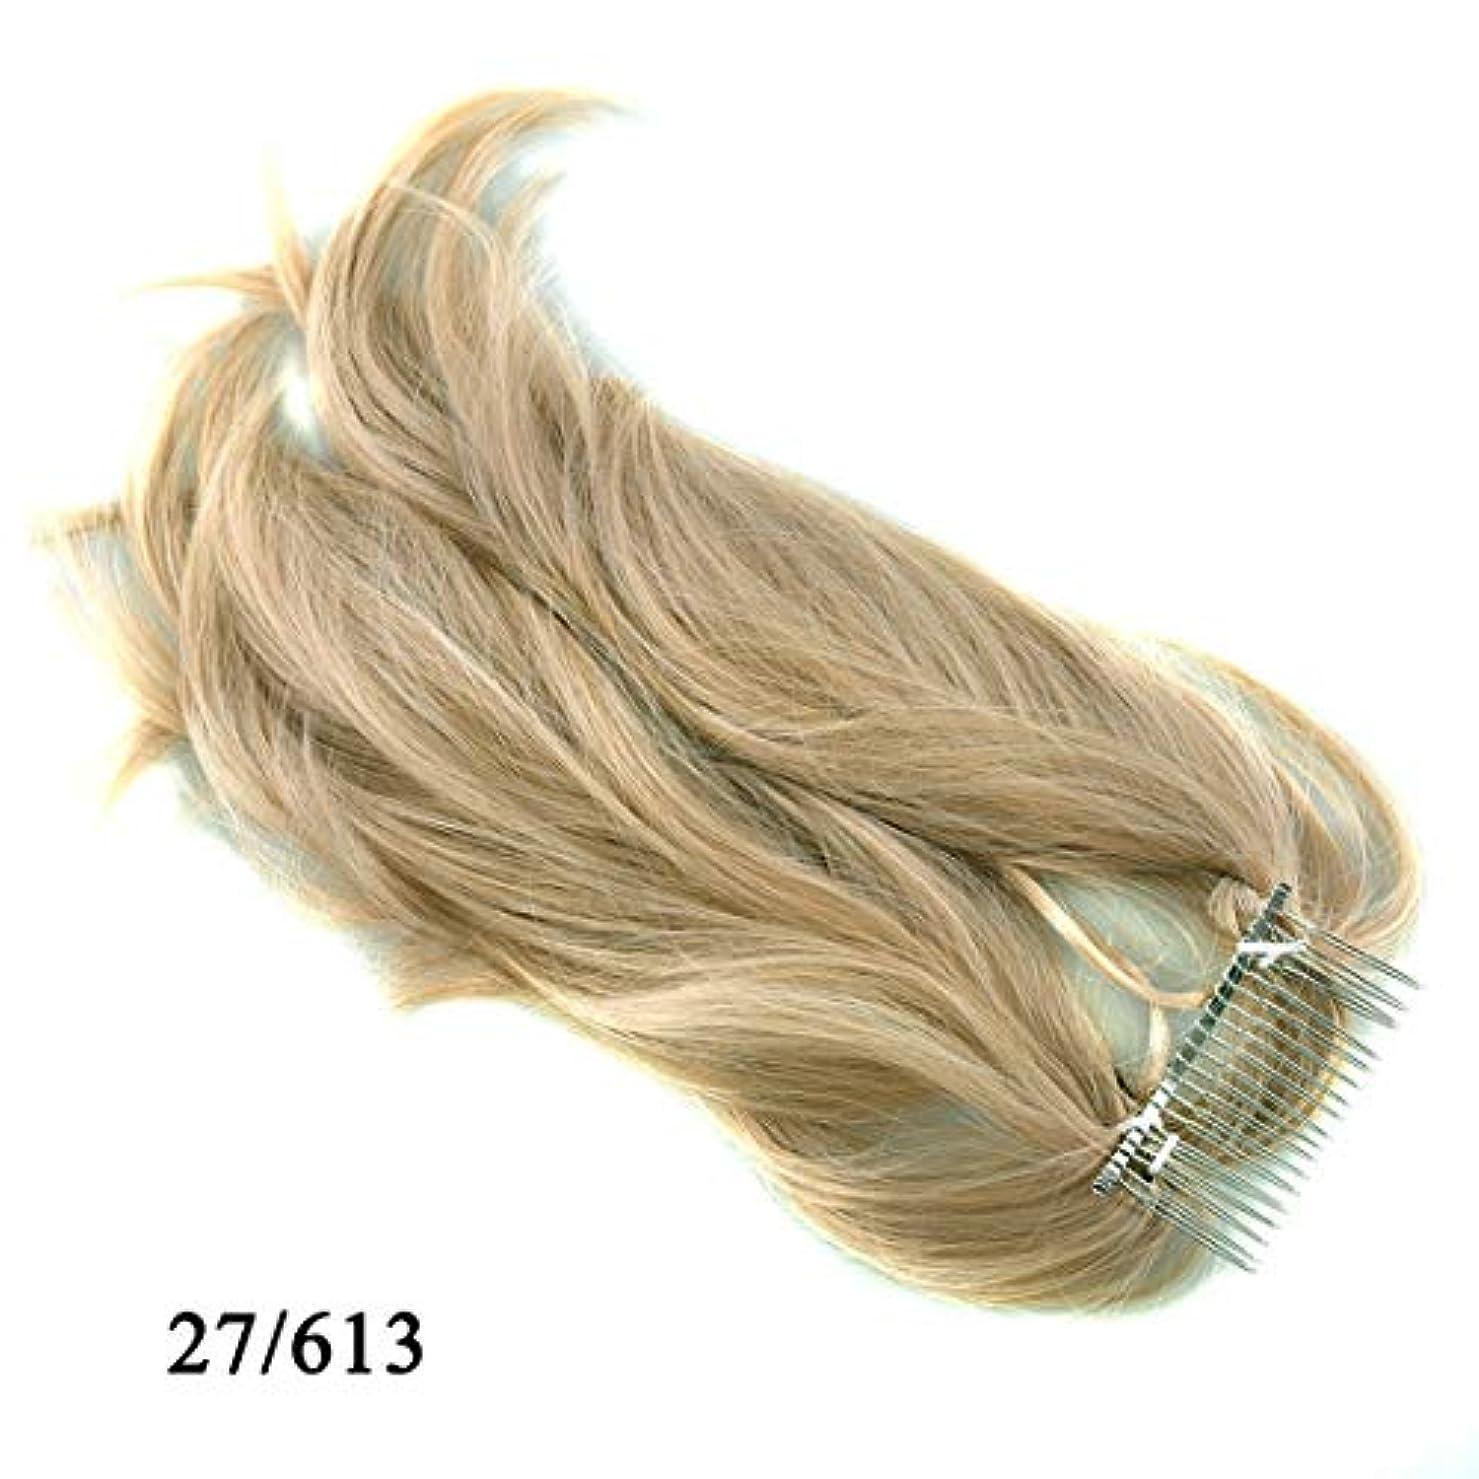 印象発生民主党JIANFU かつらヘアリング様々な柔軟なポニーテールメタルプラグコムポニーテール化学繊維ヘアエクステンションピース (Color : 27/613)